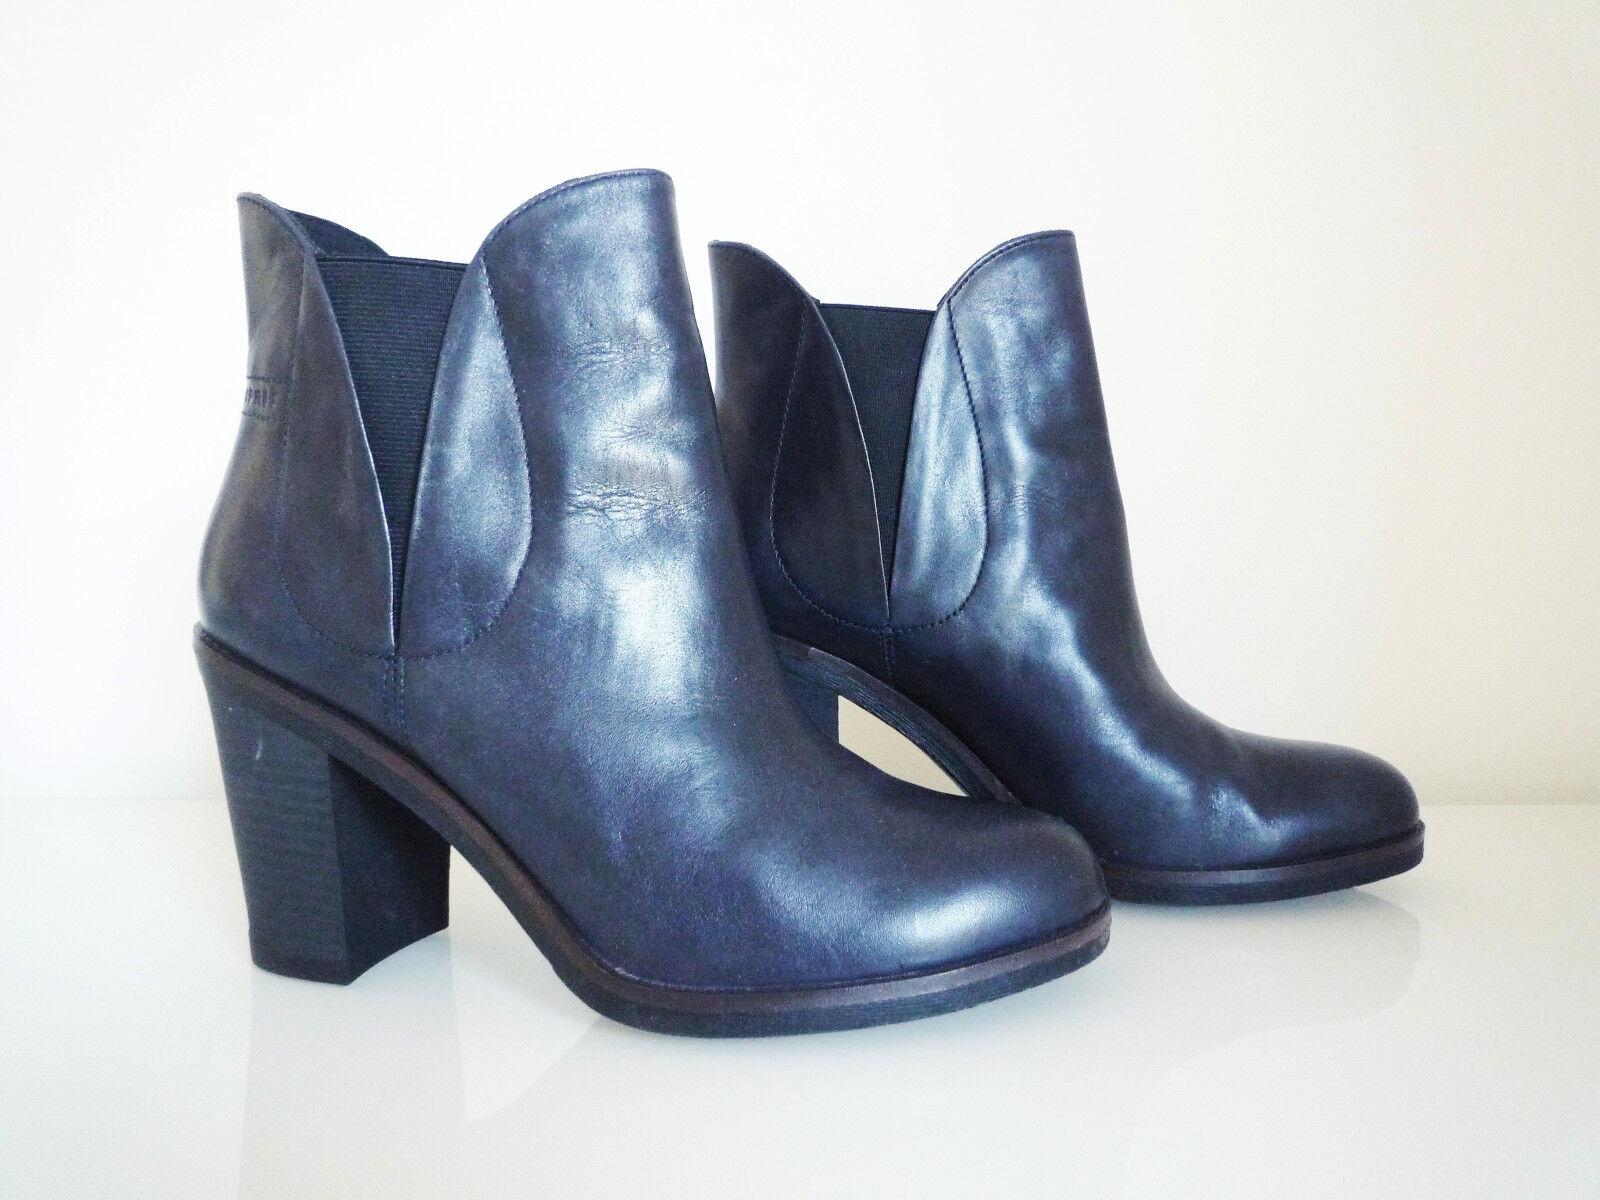 Esprit Stiefeletten, 9 Leder, Größe 40, dunkelblau, 9 Stiefeletten, cm Absatz abb69f